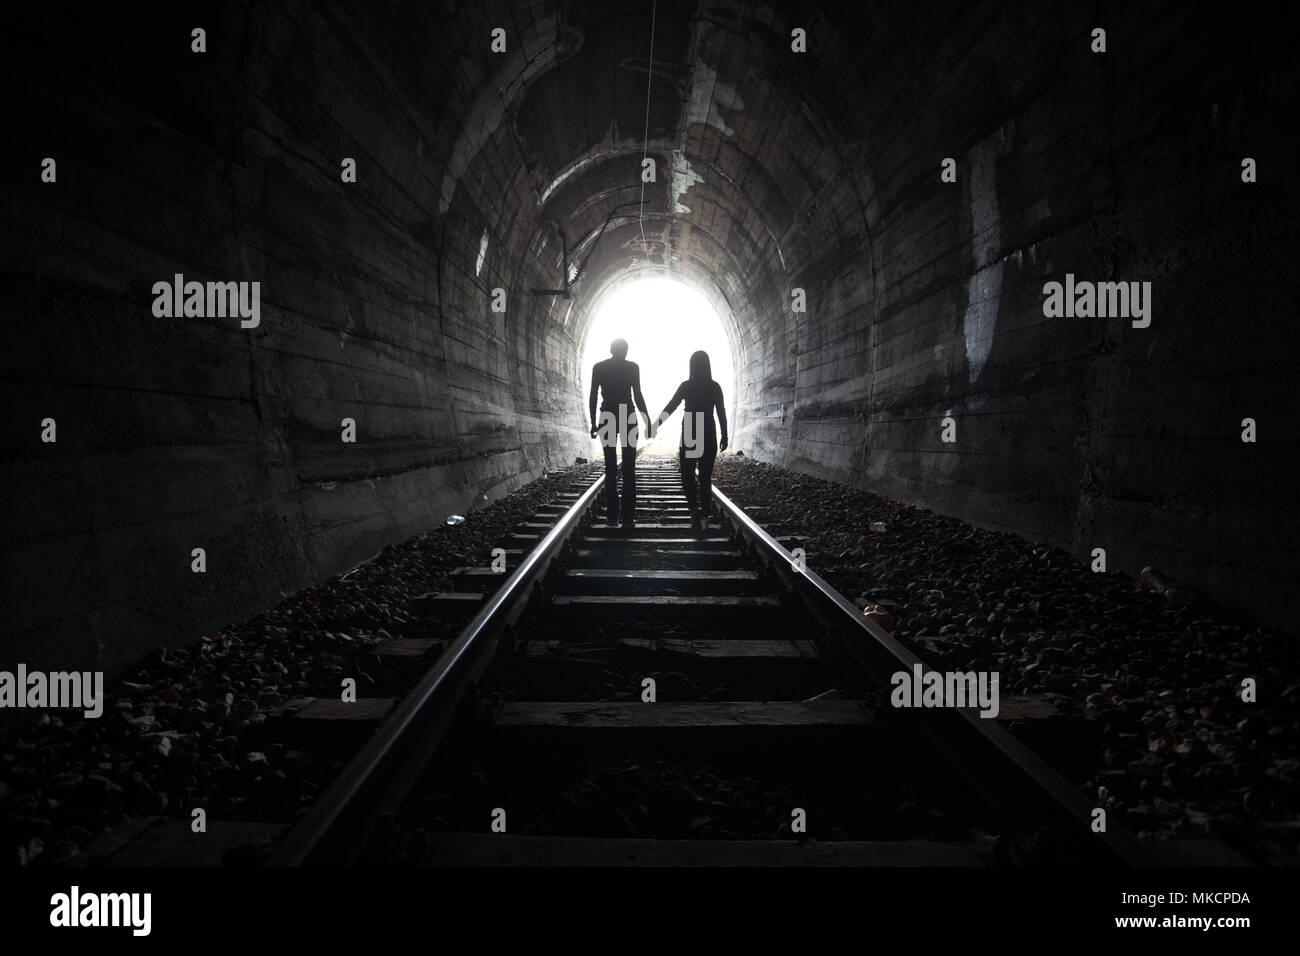 Pareja caminando de la mano a lo largo de la vía a través de un túnel de ferrocarril hacia la luz brillante en el otro extremo, aparecen como siluetas contra el Imagen De Stock